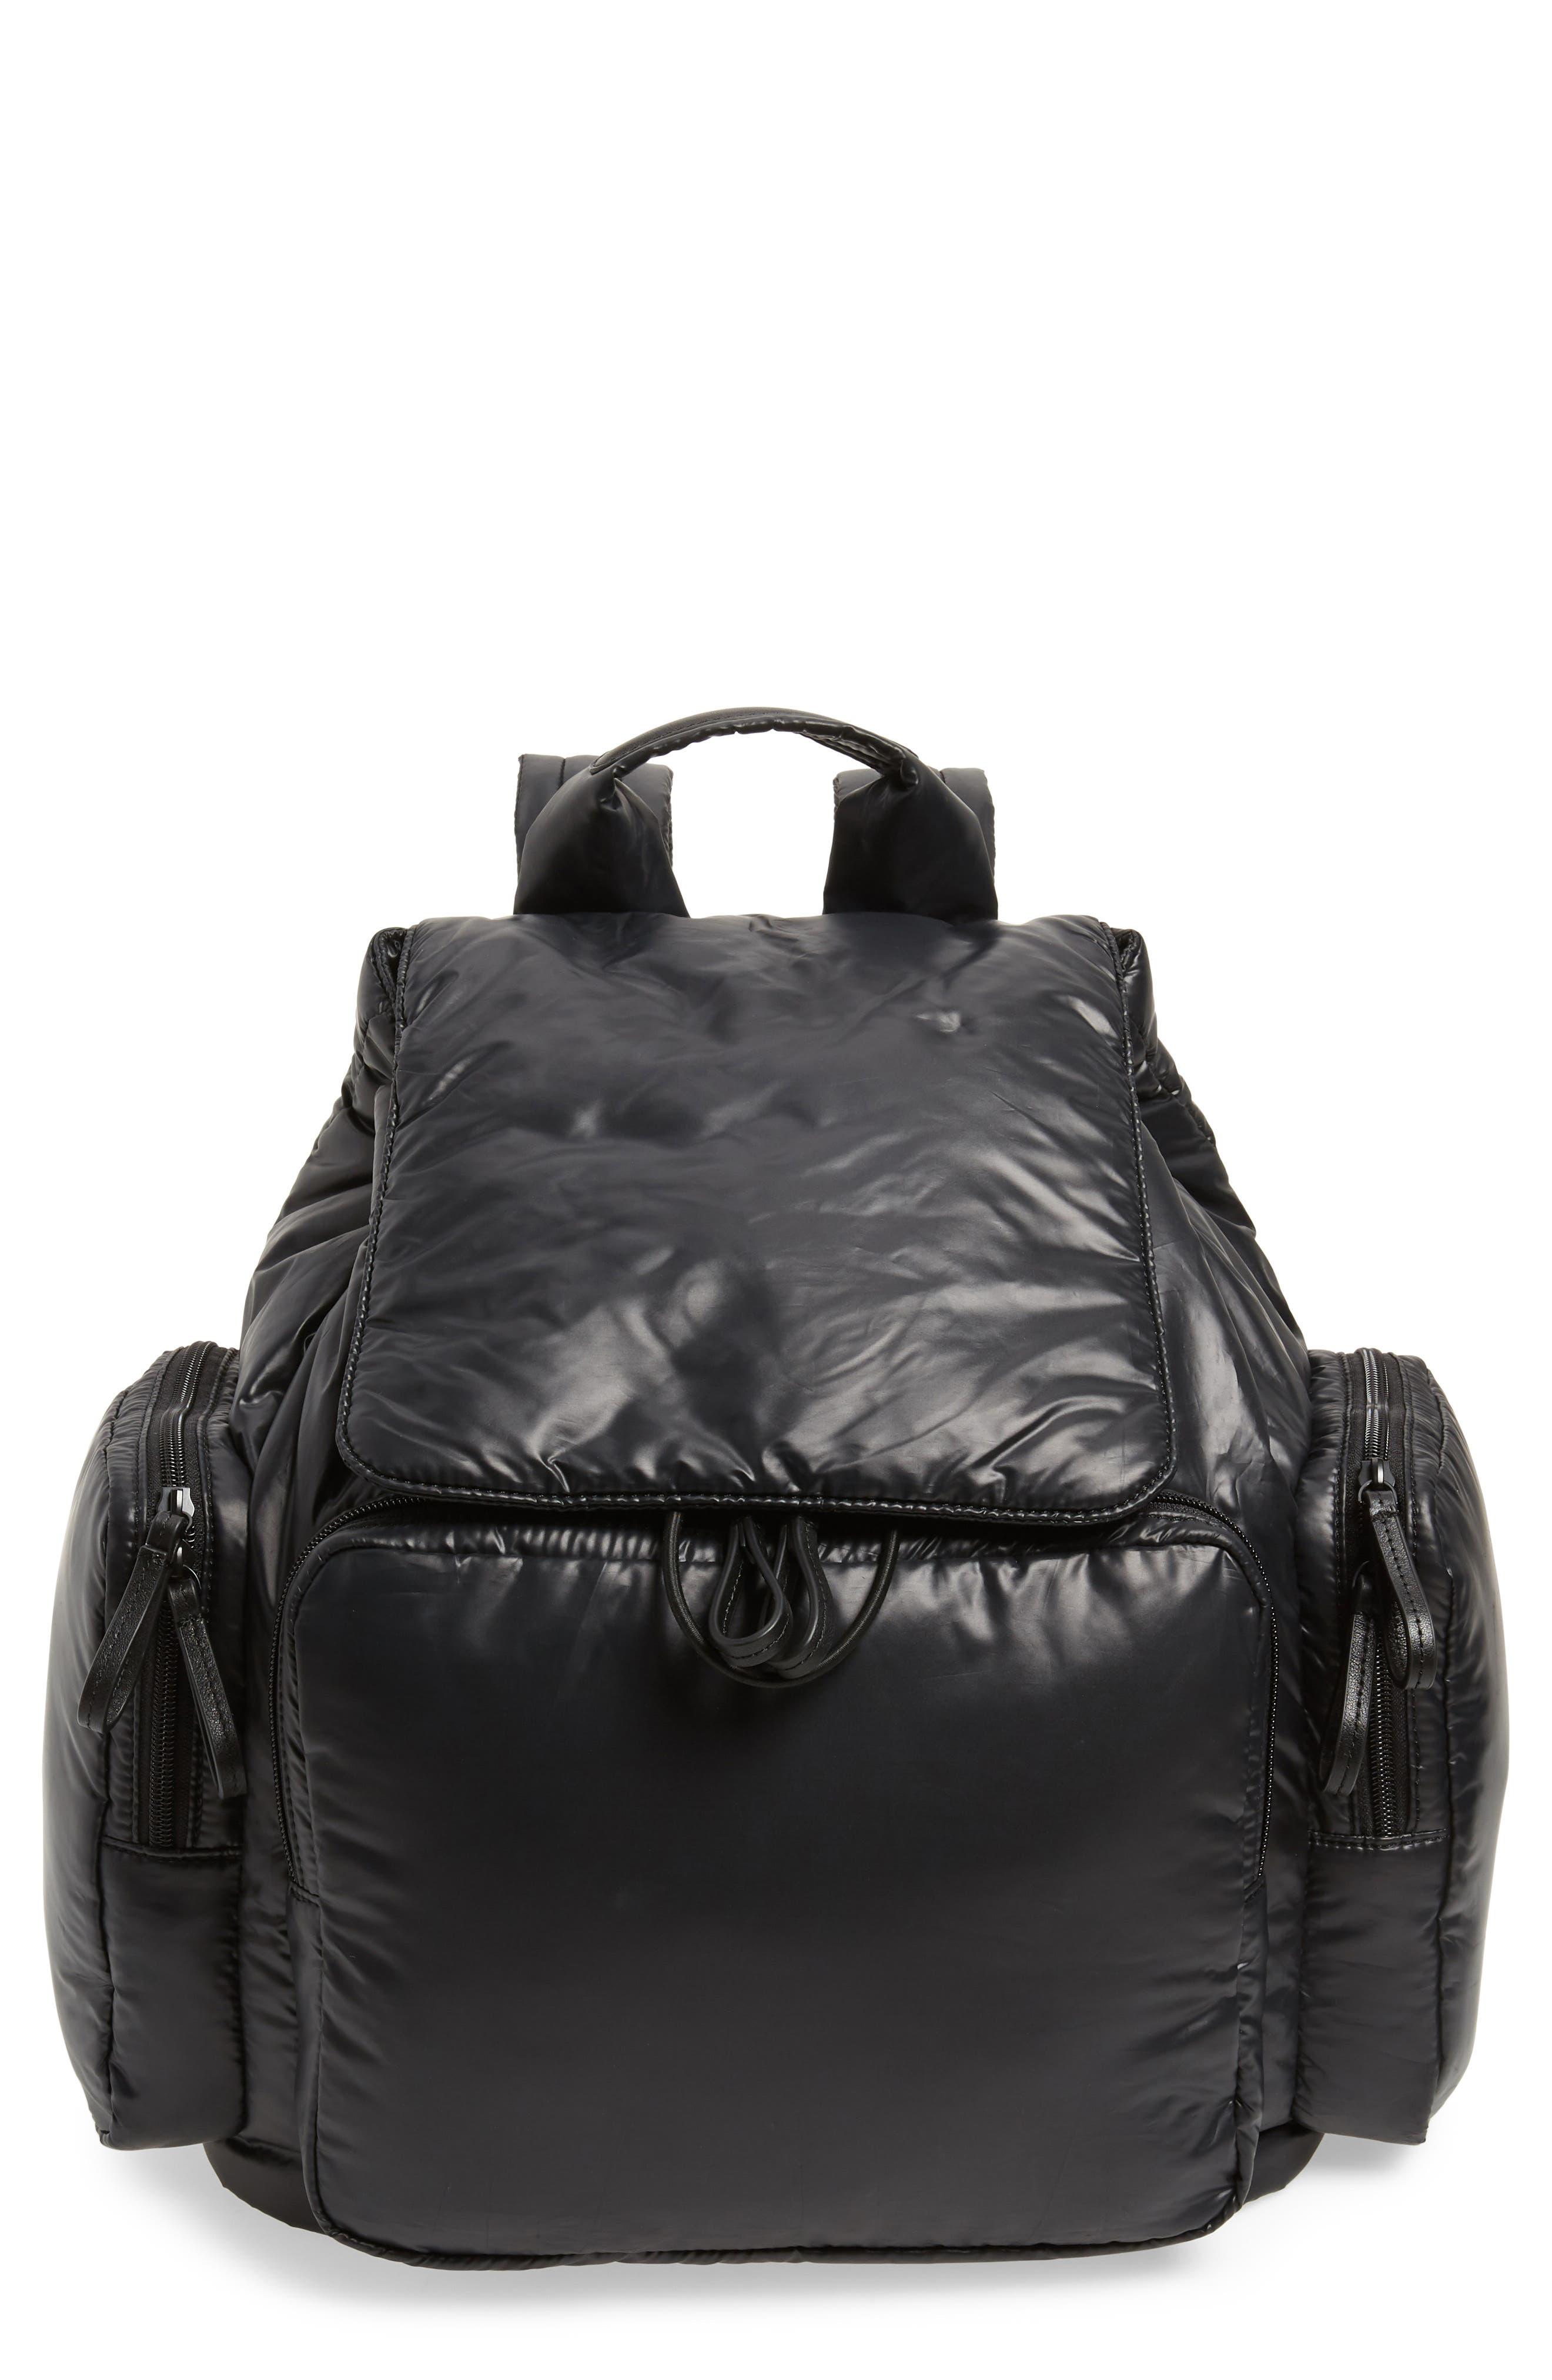 Cirrus Backpack,                             Main thumbnail 1, color,                             BLACK